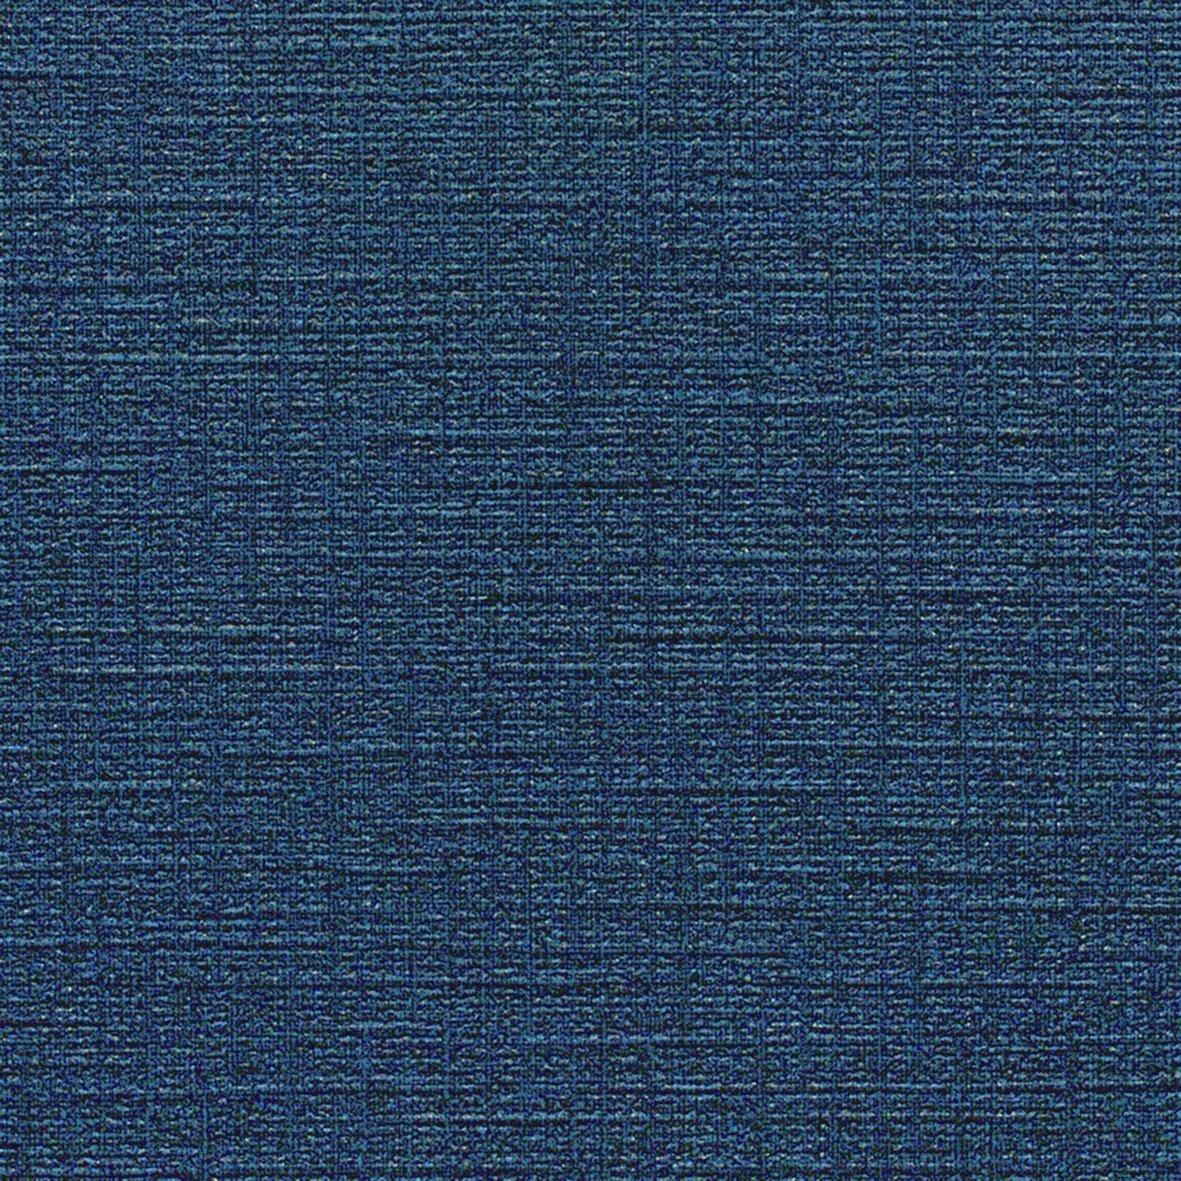 リリカラ 壁紙32m ナチュラル 織物調 ブルー LL-8387 B01N3KW944 32m|ブルー